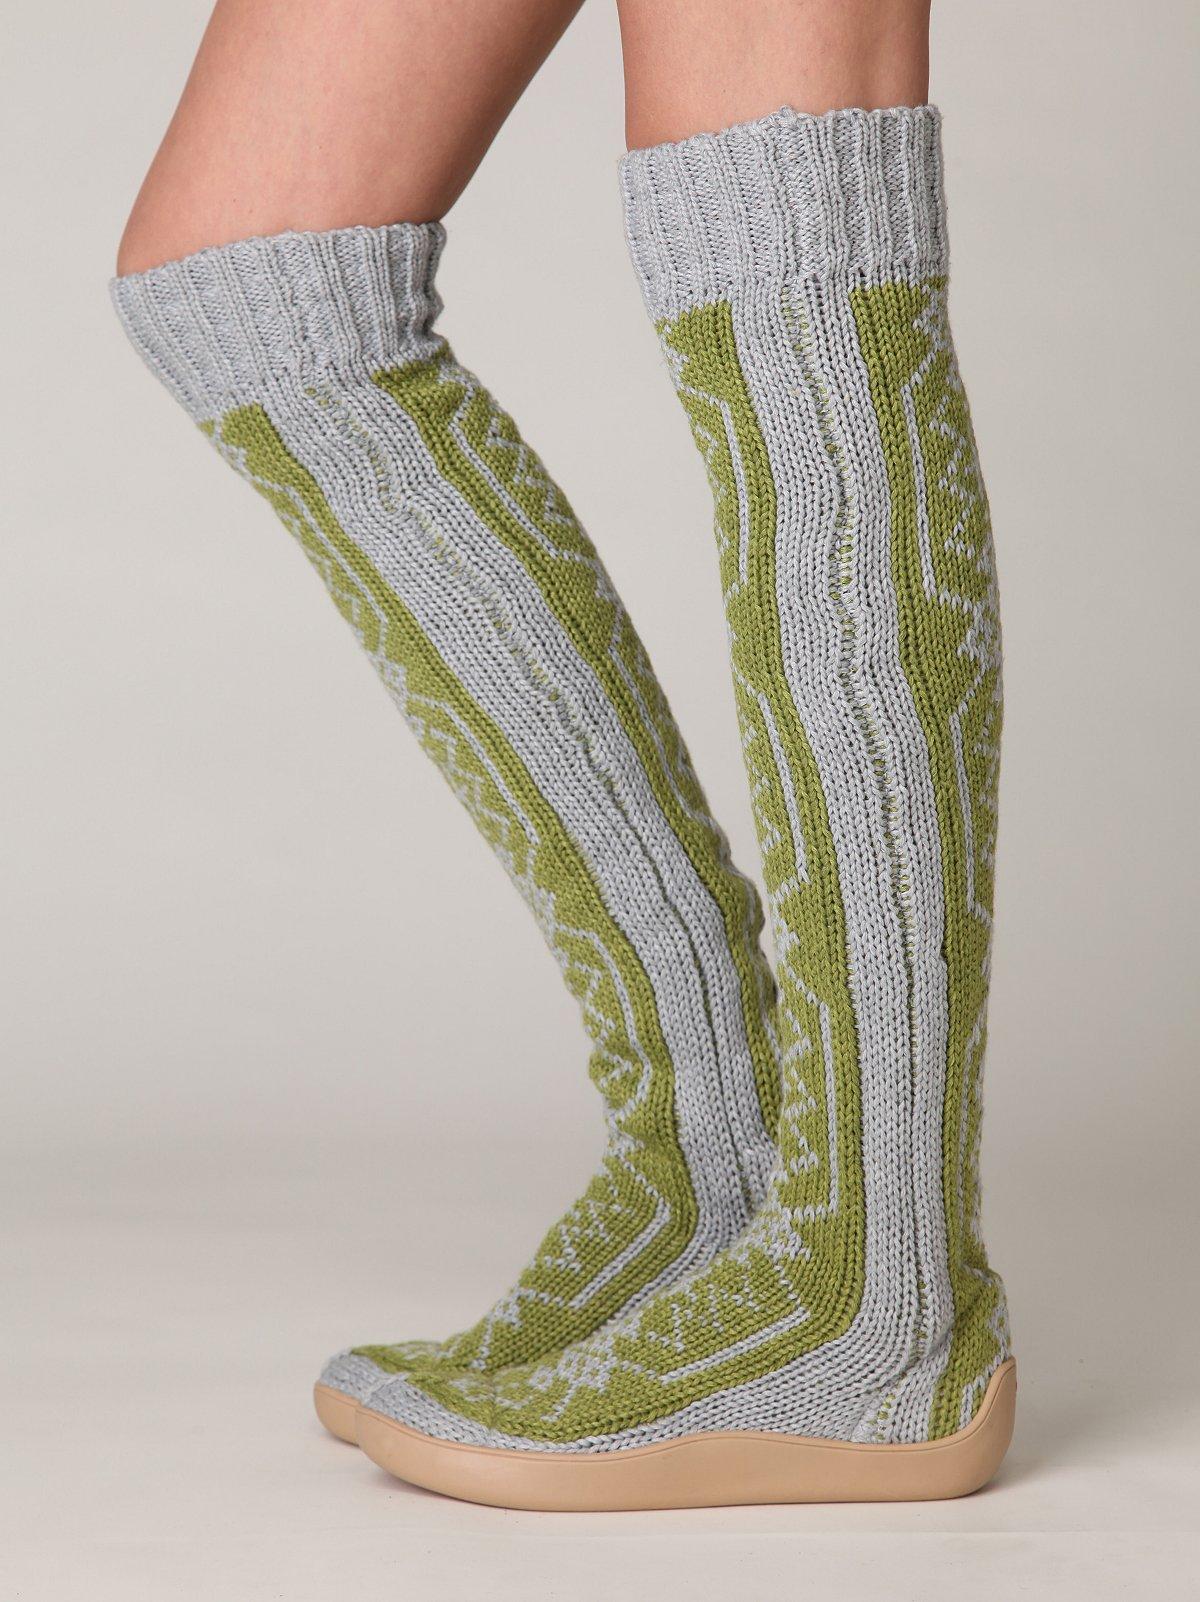 Gretta Over the Knee Slipper Sock